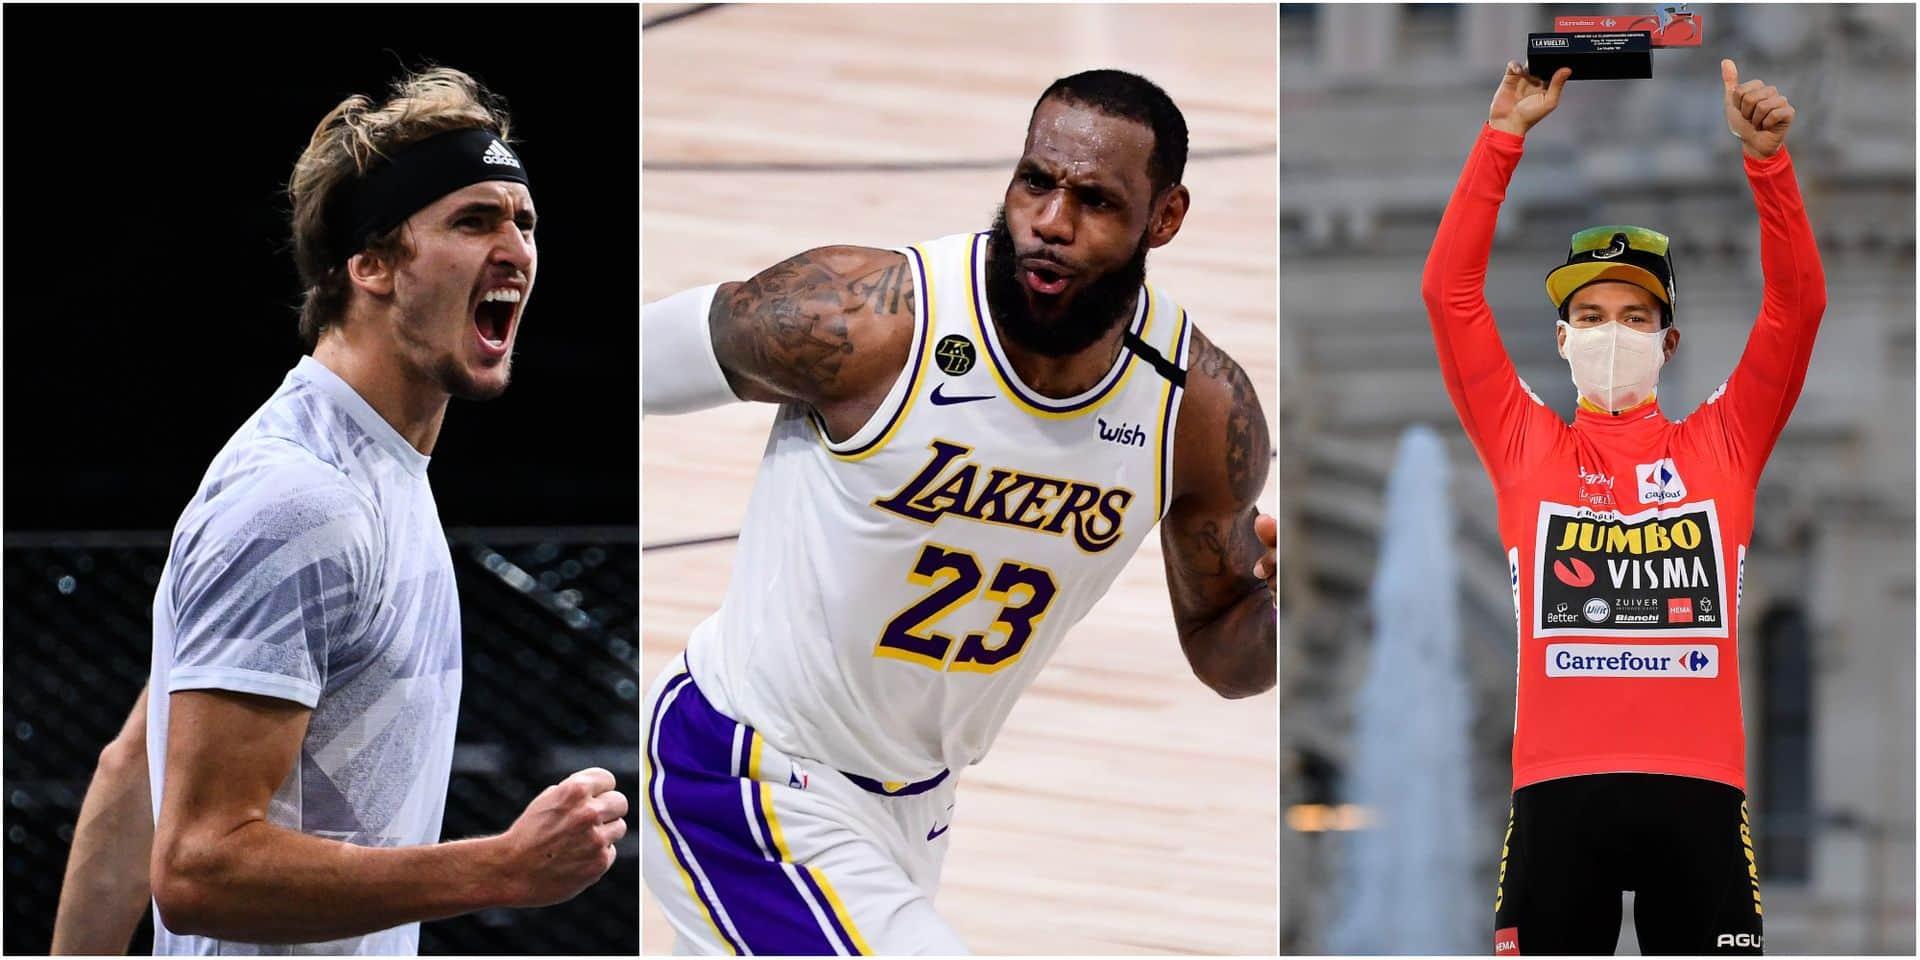 Choisissez un sujet traité par notre rédaction sportive: Zverev l'indésirable, le casse-tête de la NBA ou Roglic le n°1 en 2020 ?